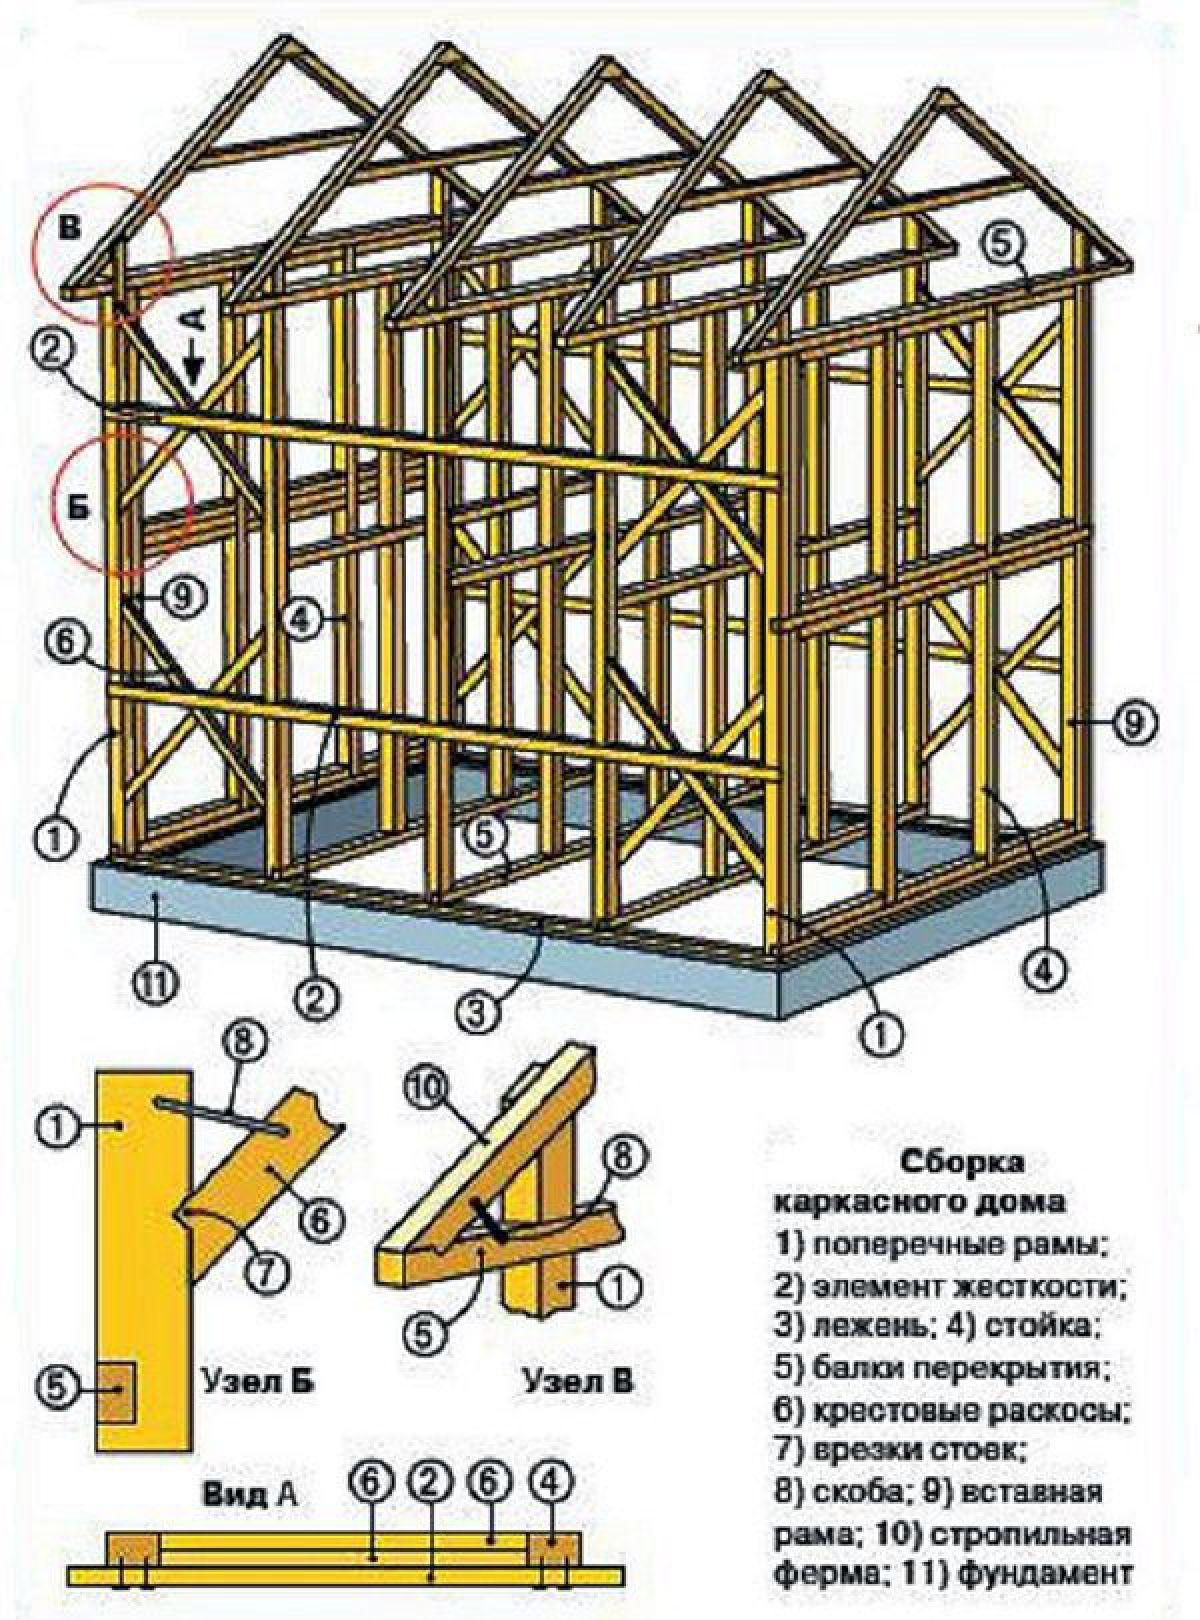 Каркасный дом своими руками. Каркасные конструкции 5667